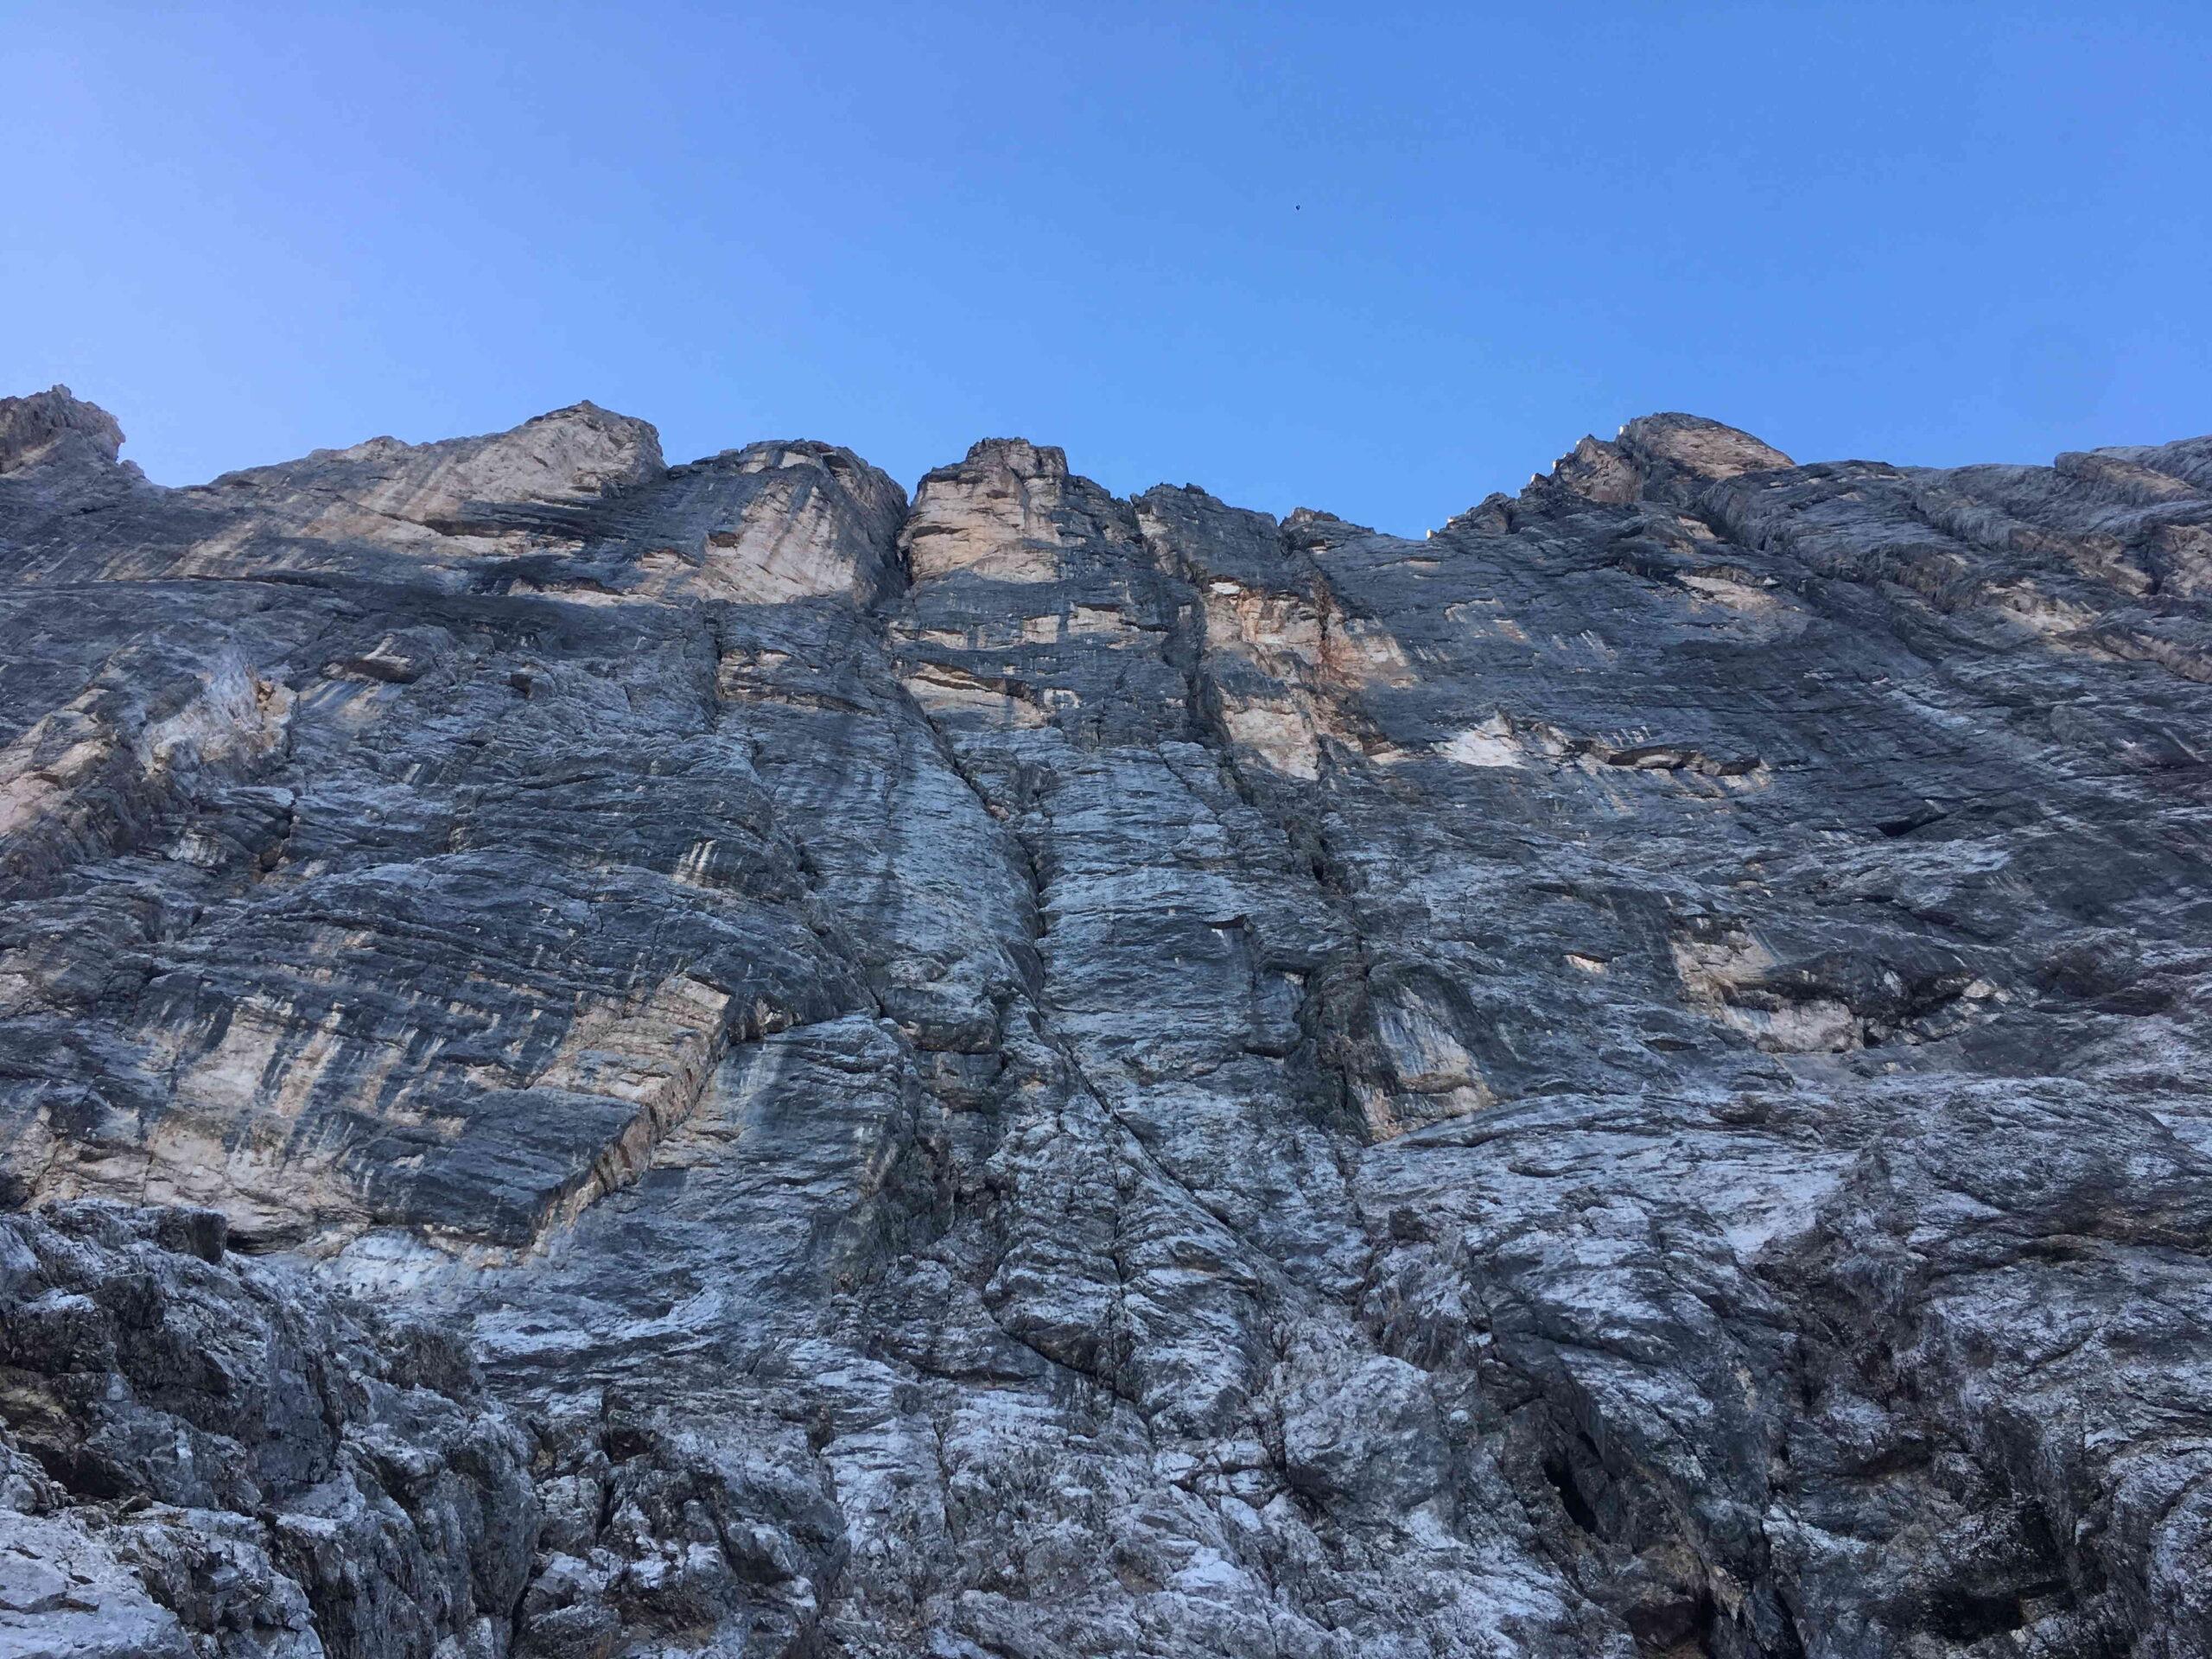 Lungo lo zoccolo di Punta Civetta, evidente la classica Y: sx Andrich, destra Aste